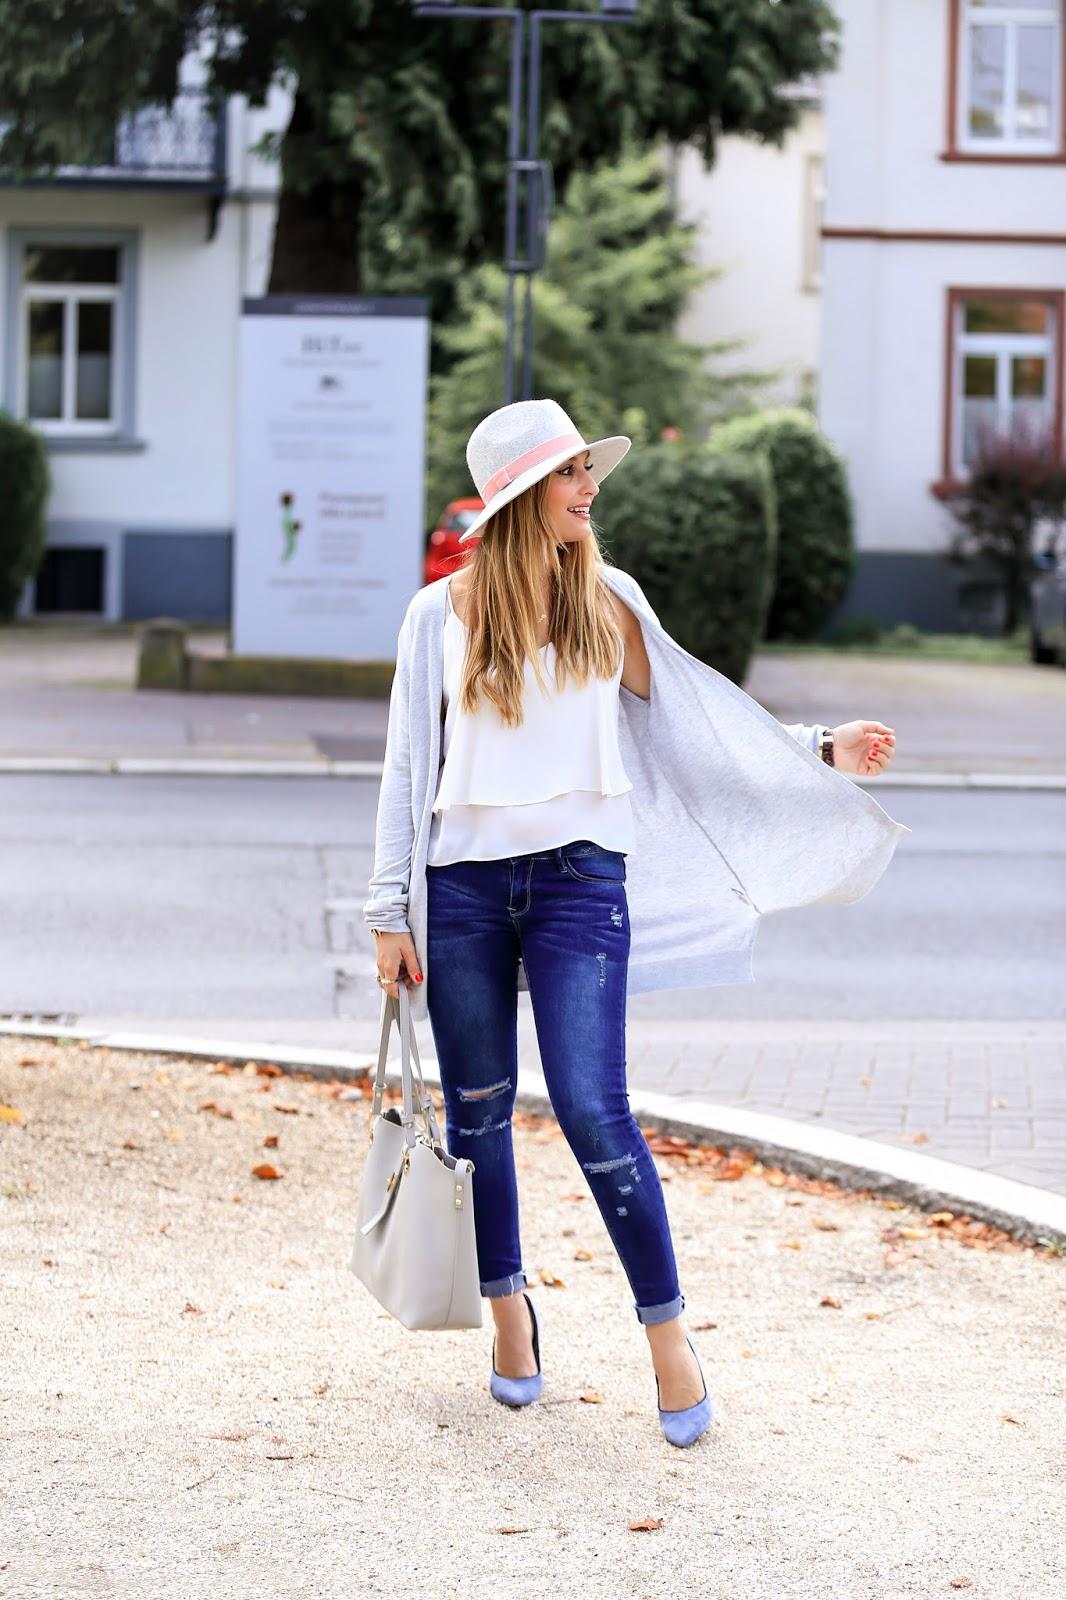 wie-kombiniert-man-eine-strickjacke-bloggerstyle-fashionstylebyjohanna-blogger-aus-deutschland-alltagslook